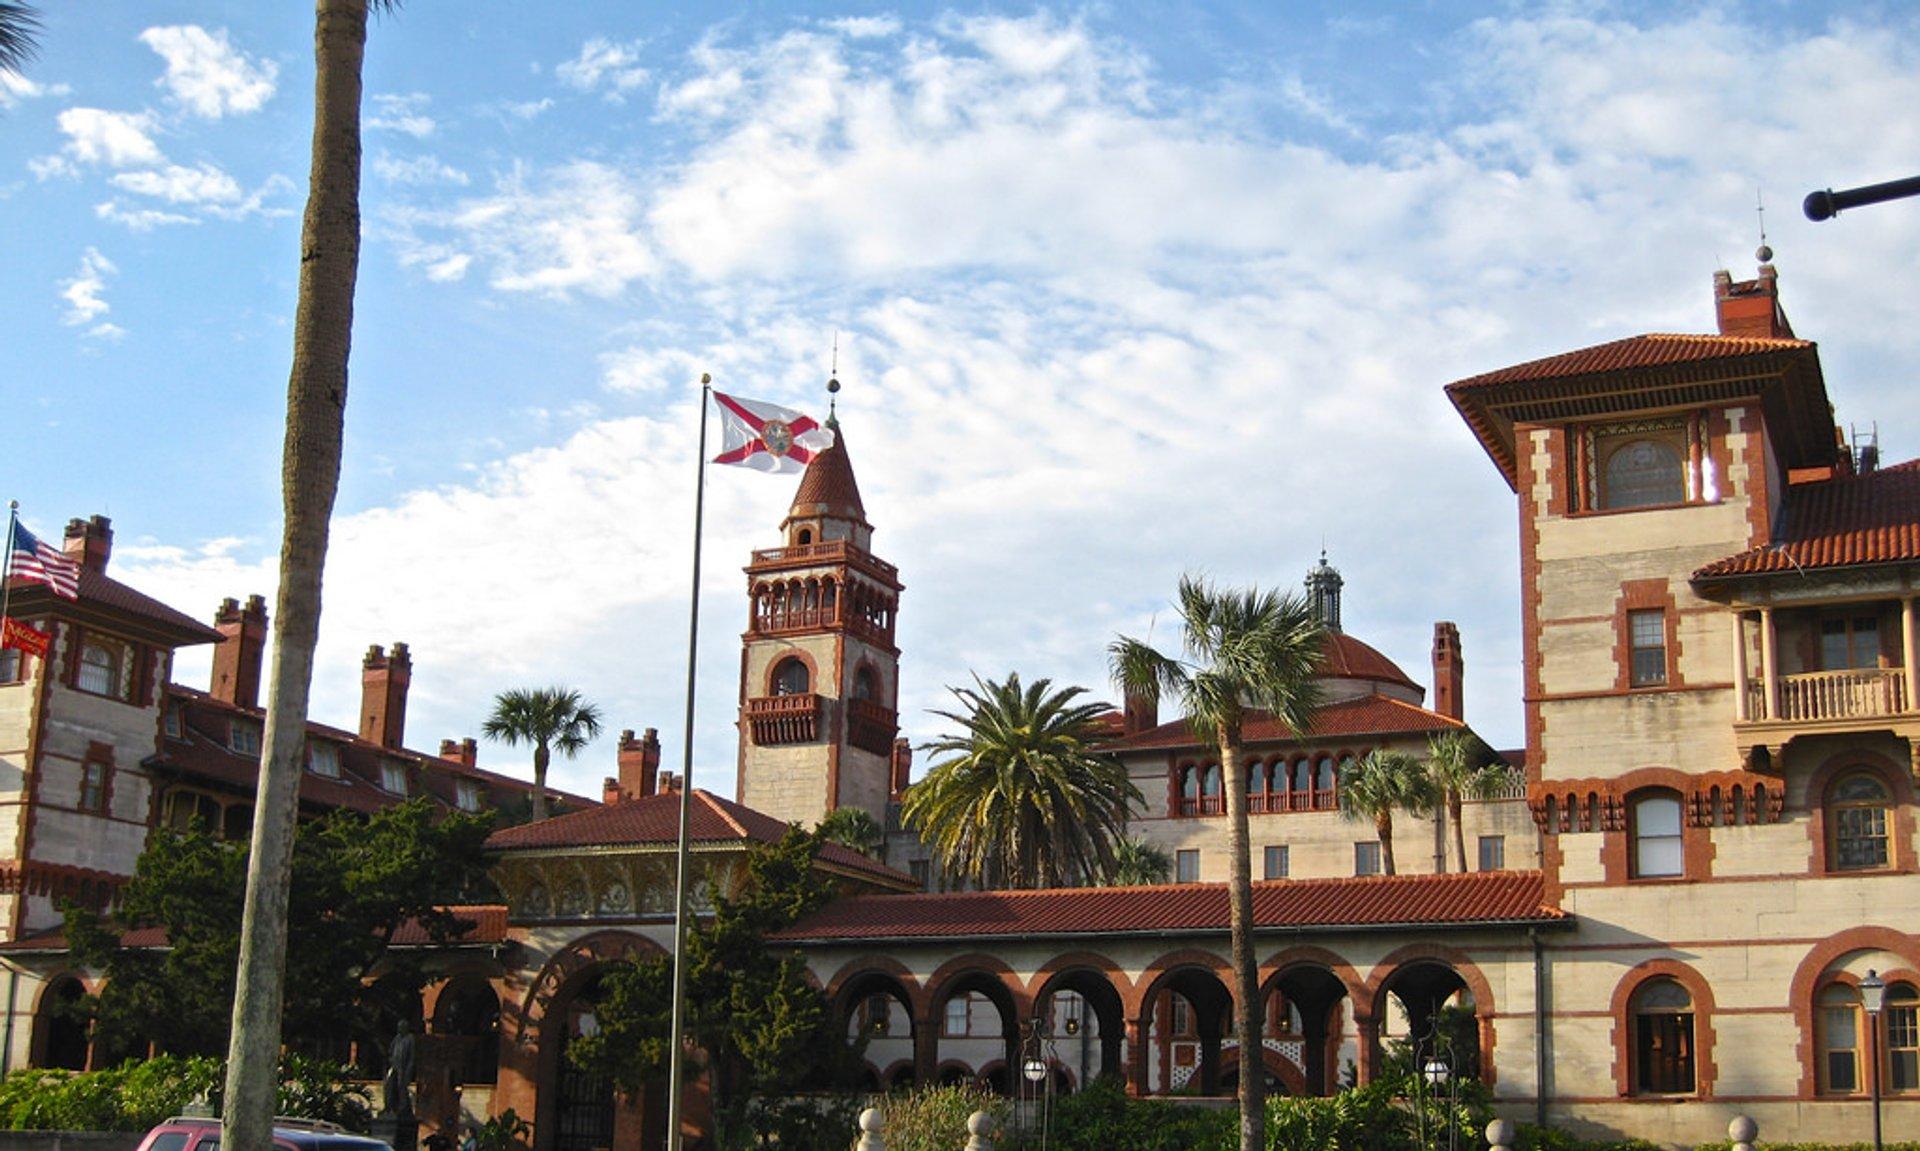 Ponce de Leon Hotel (Flagler College) in Florida 2019 - Best Time